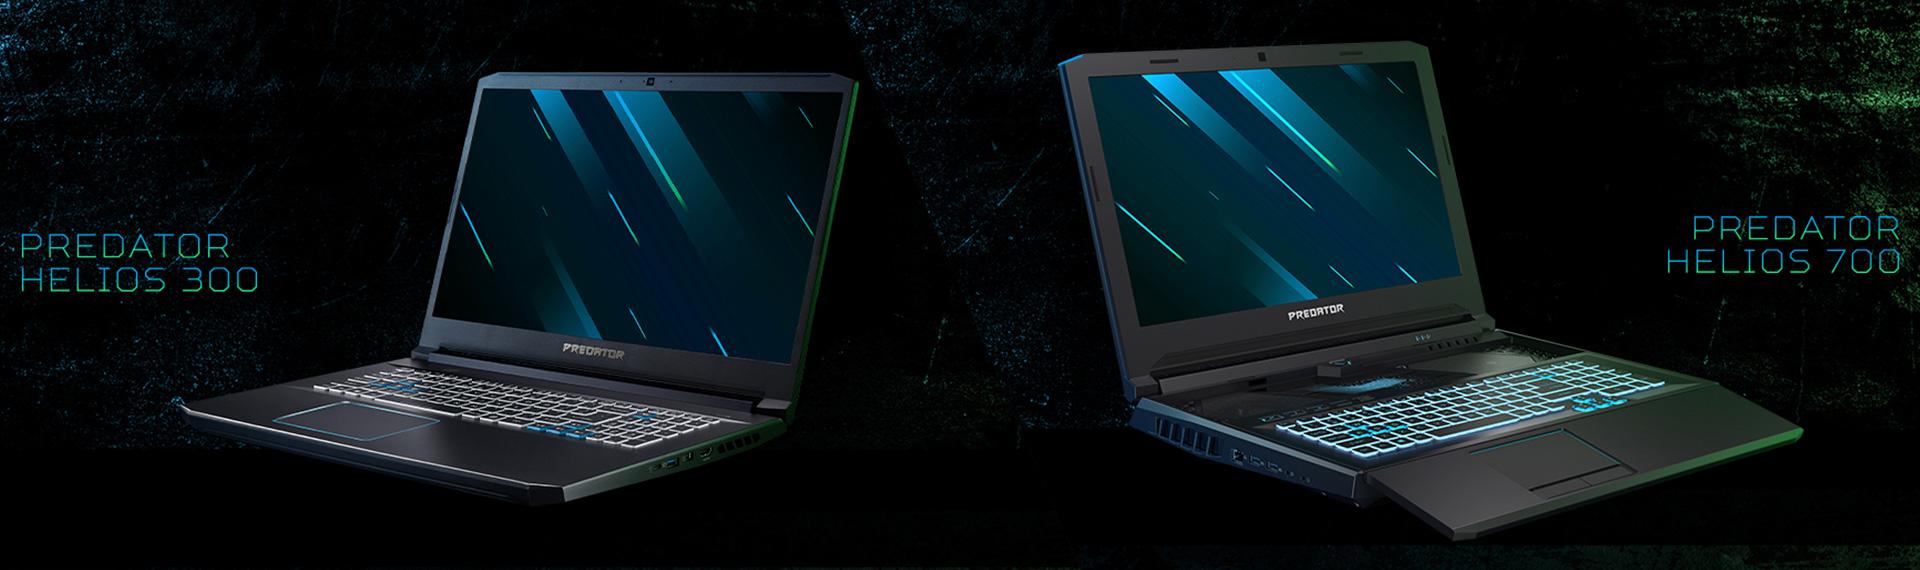 Perangkat Gaming Gahar, Laptop Predator Helios 300 dan Helios 700